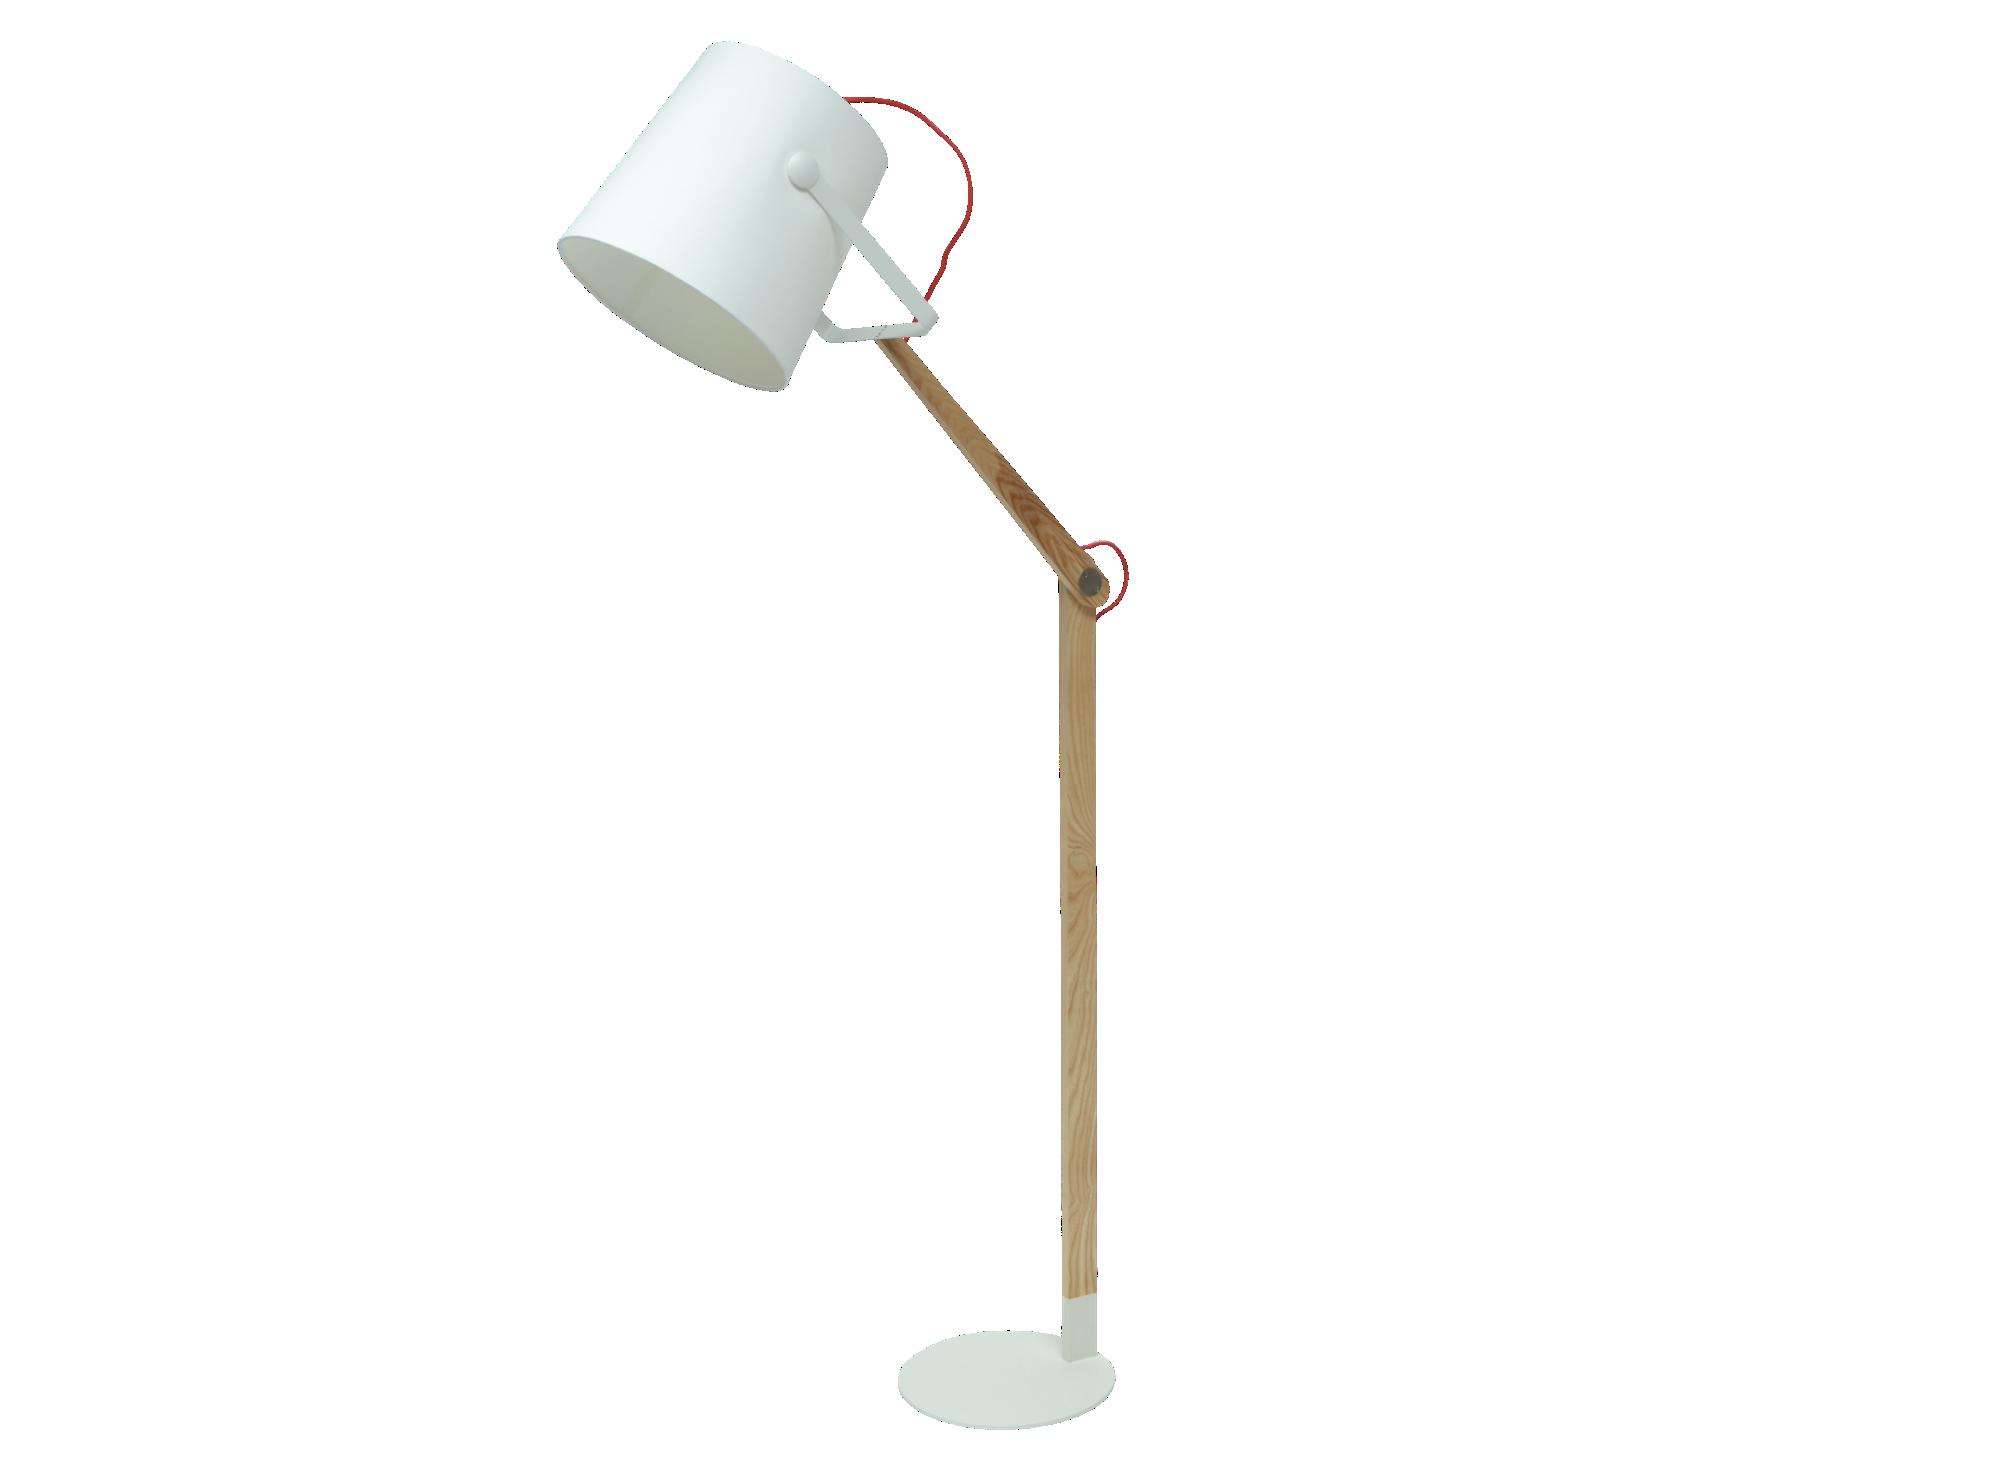 Lampe Salon Bois - Fashion Designs